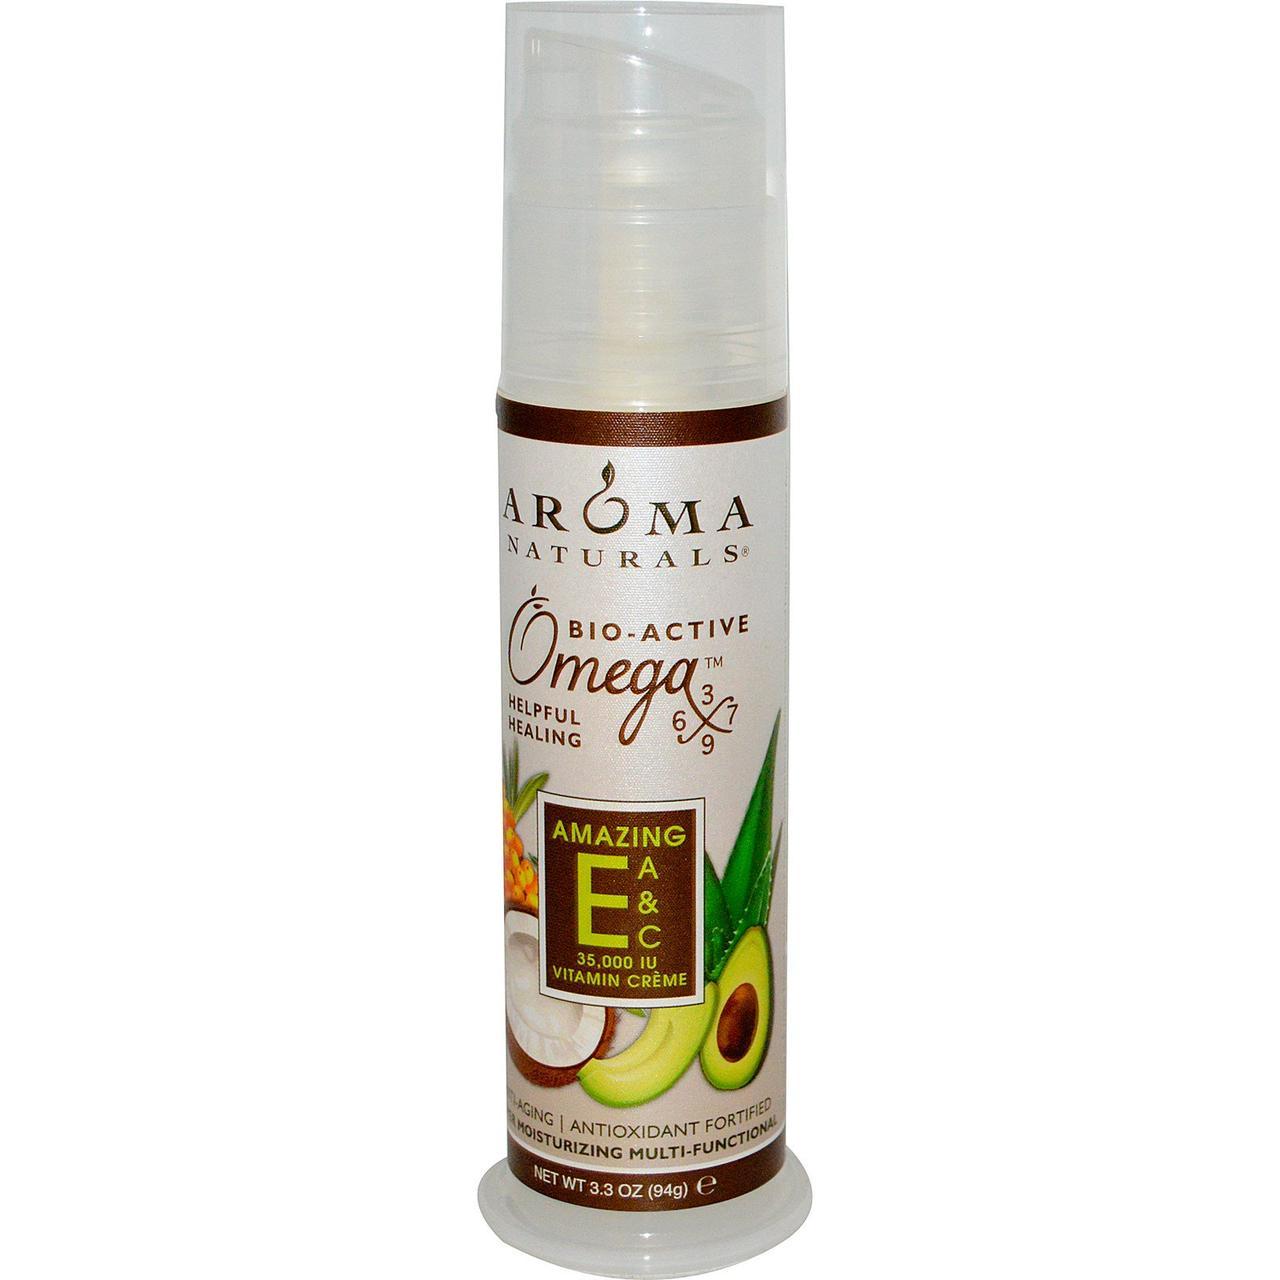 Многофункциональный крем с витаминами Е, А и С, Aroma Naturals, 94 г